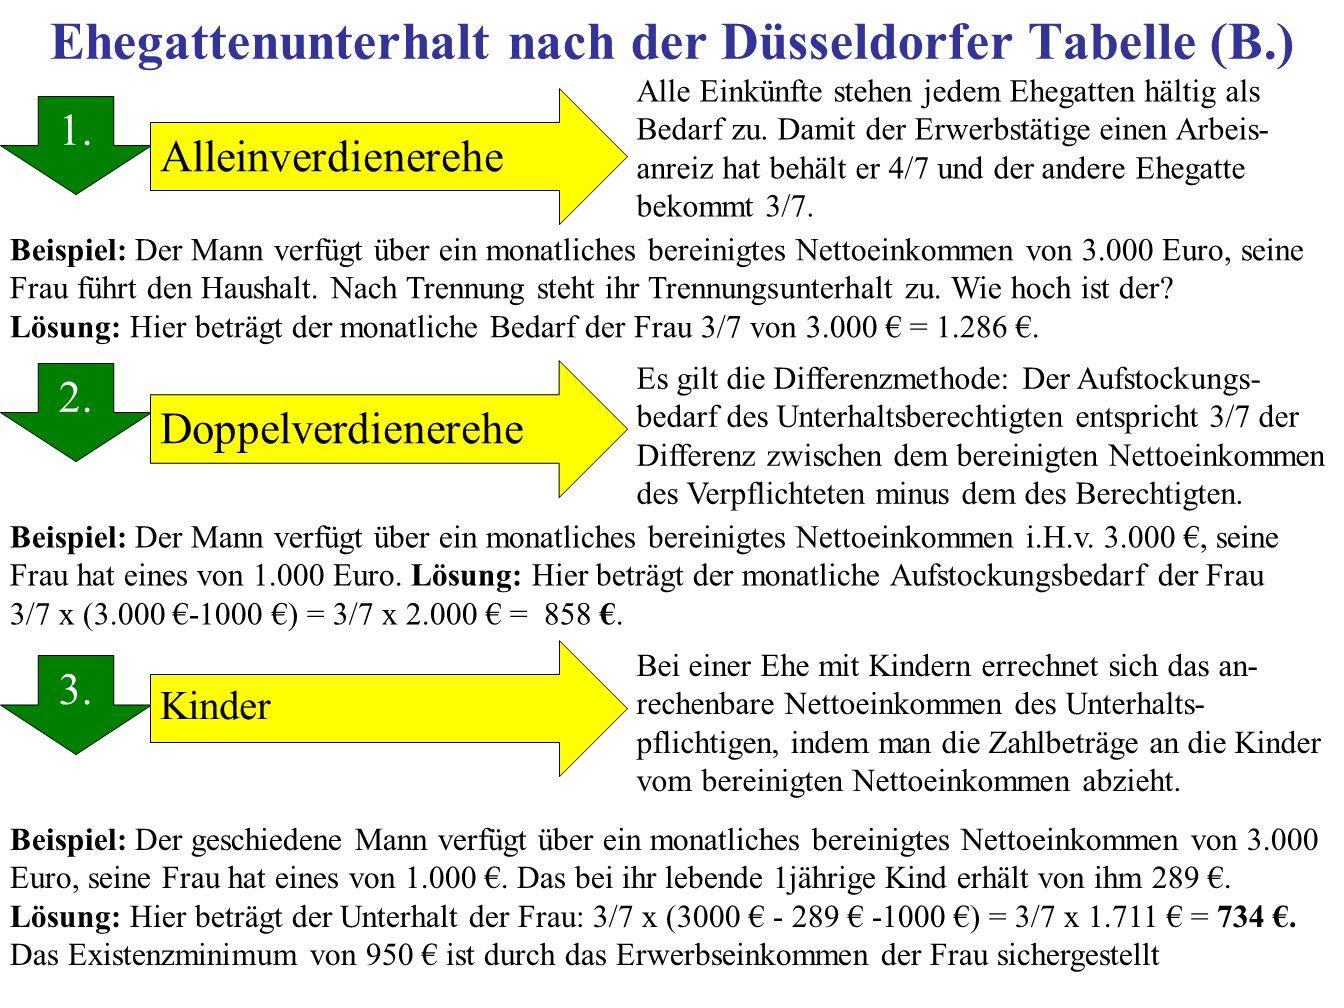 Ehegattenunterhalt nach der Düsseldorfer Tabelle (B.) 1. 2. 3. 1. Doppelverdienerehe Alleinverdienerehe Kinder Alle Einkünfte stehen jedem Ehegatten h